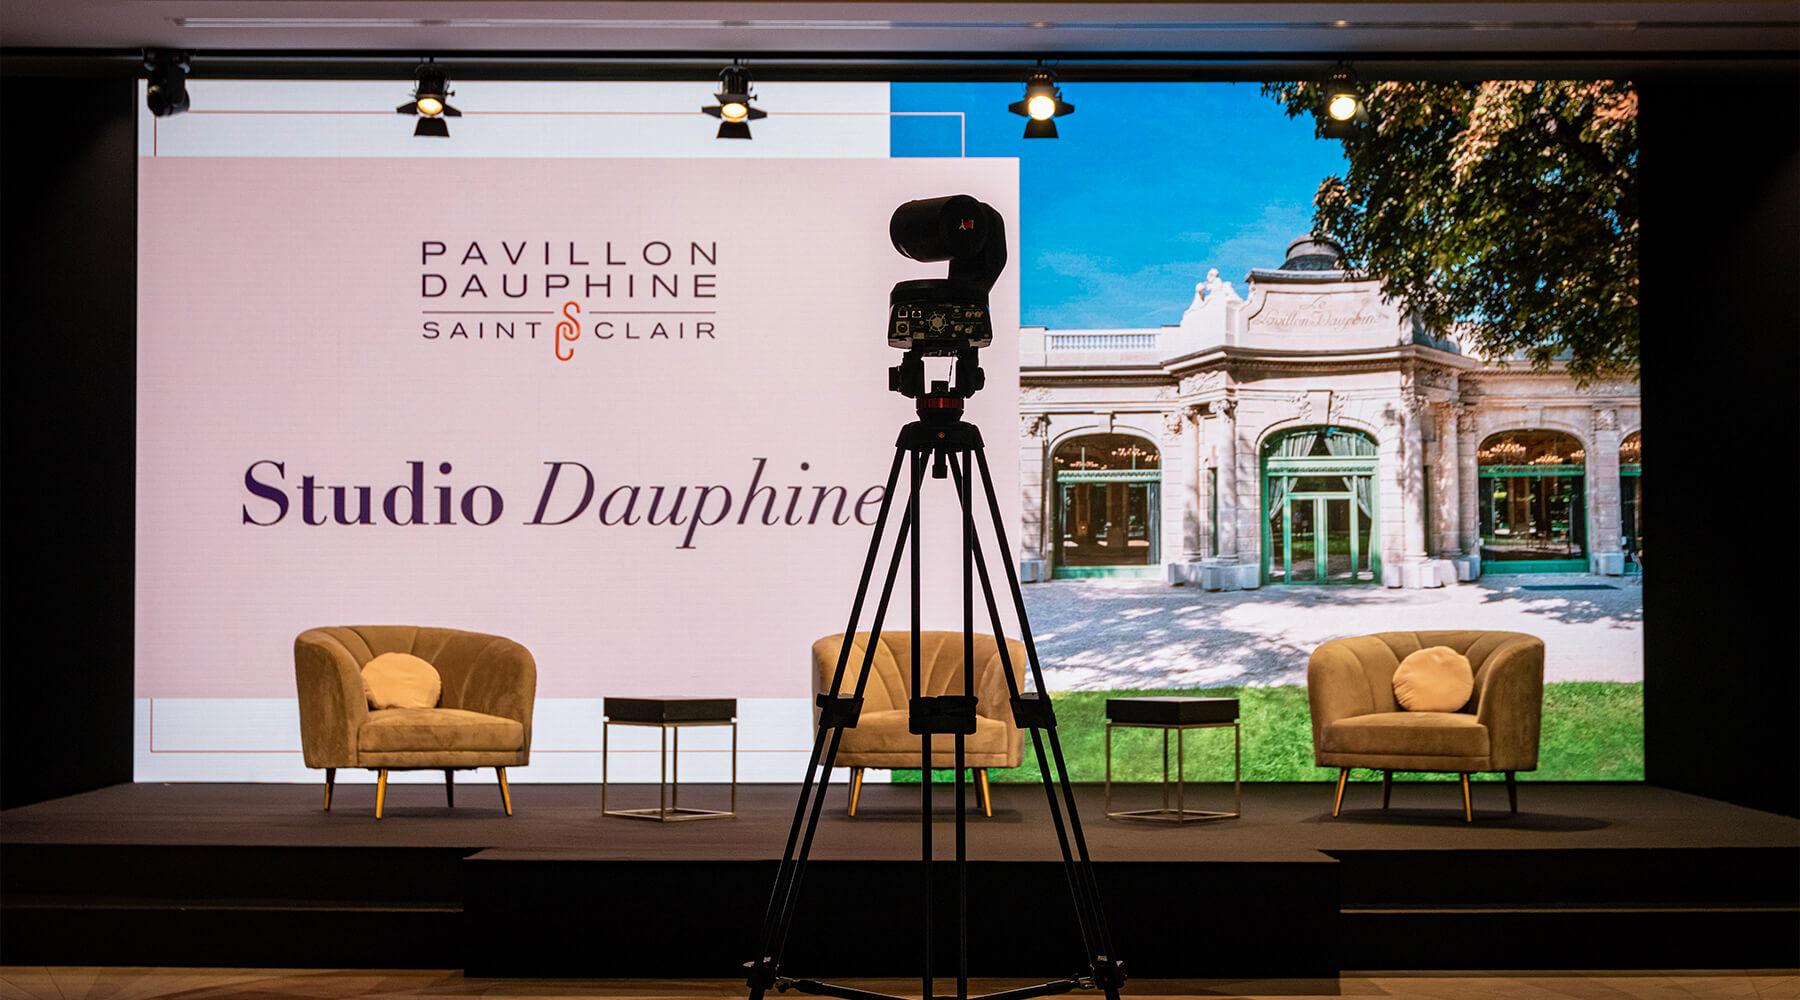 Saint Clair Studio Dauphine